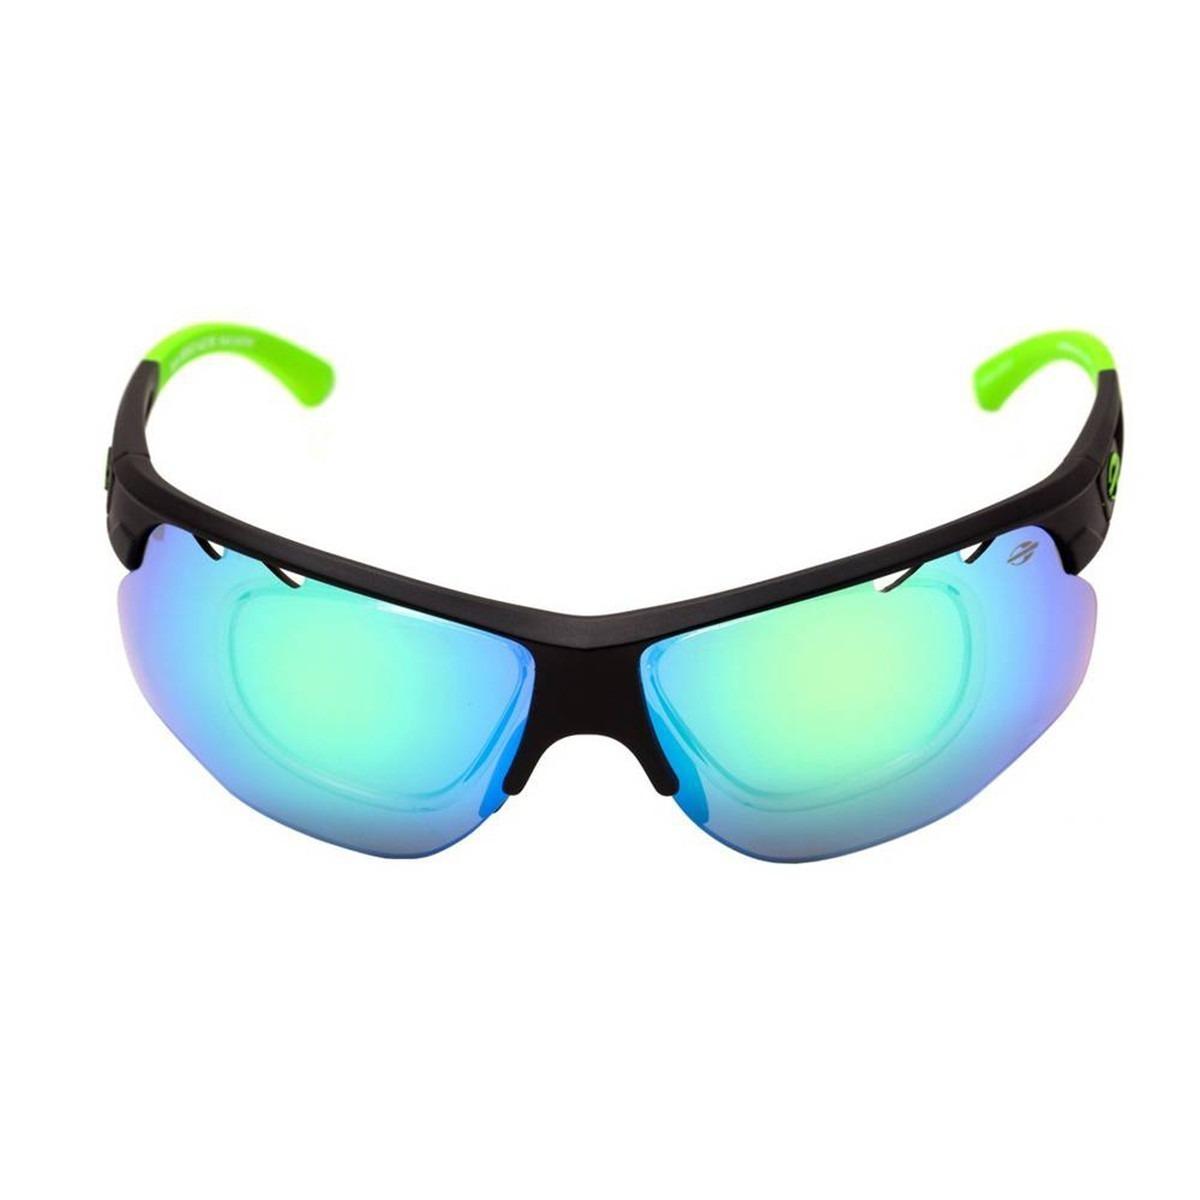 ba207c0292638 oculos sol espelhado mormaii lente eagle grau preto verde. Carregando zoom.